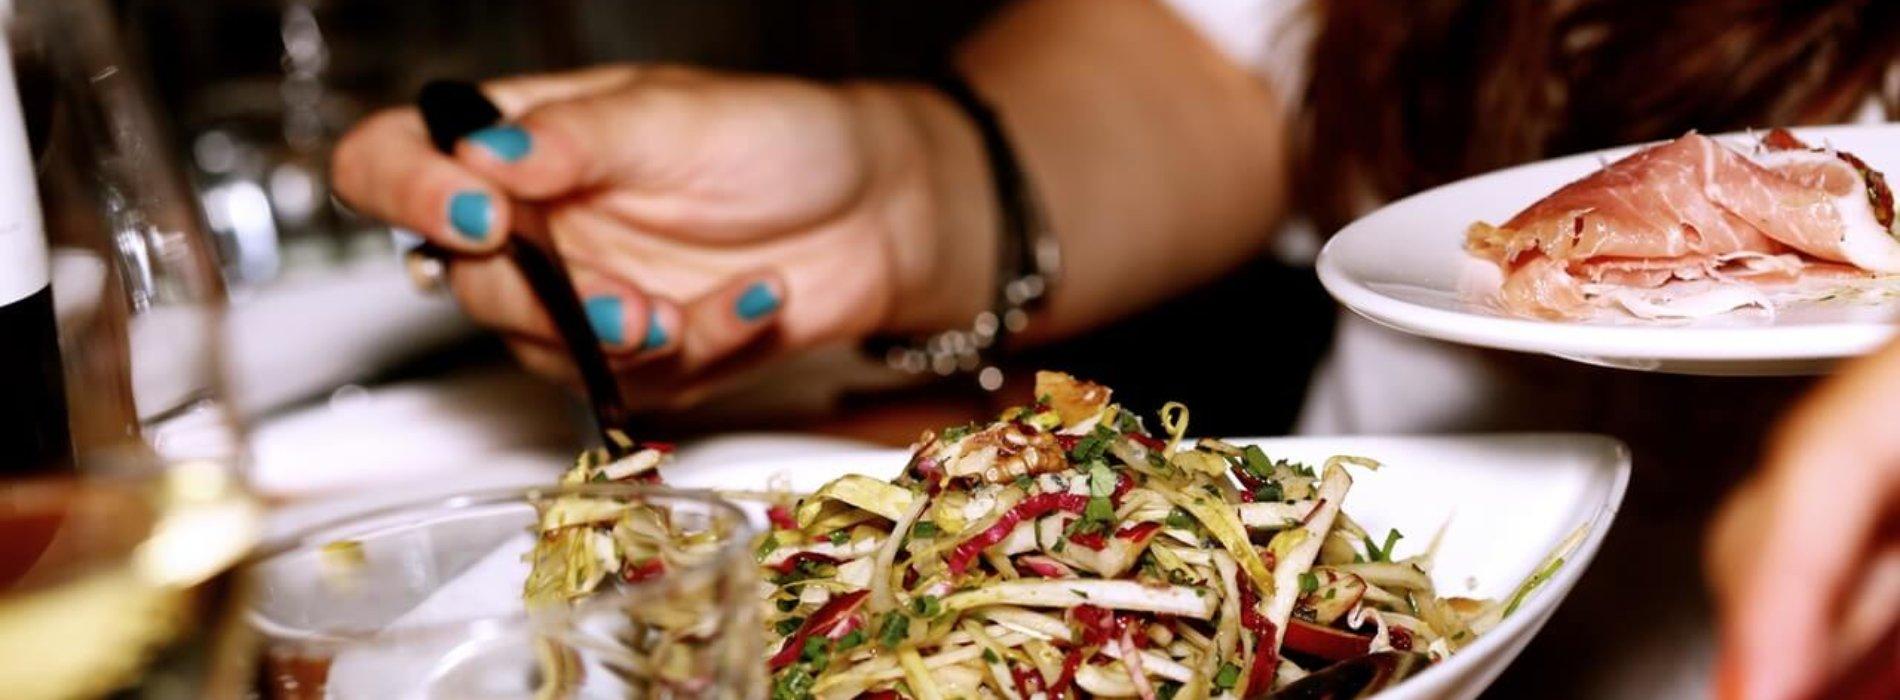 Szybciej, łatwiej ale czy zdrowo? 5 plusów zamawiania jedzenia online